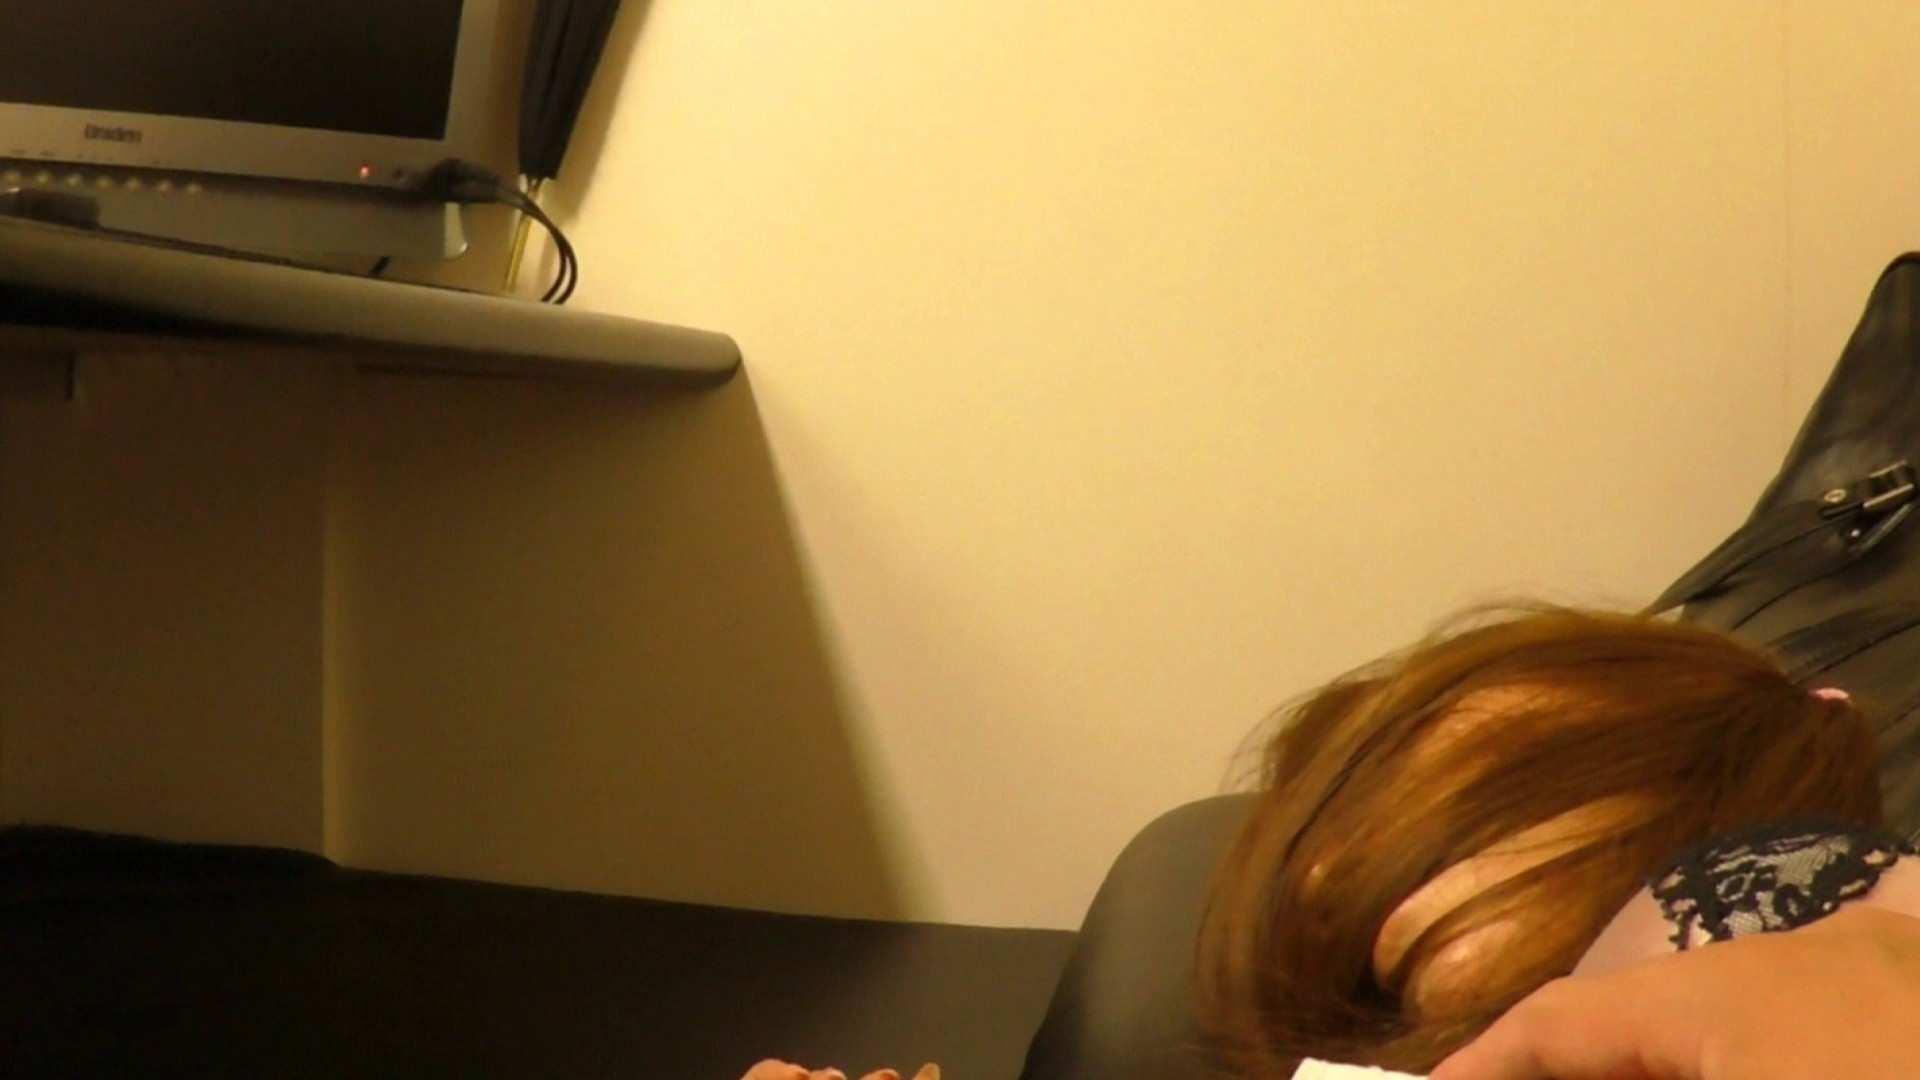 悪戯ネットカフェ Vol13 前編 最近のこの手の女性は、みんなツルット処理?? 盗撮で悶絶 セックス画像 91画像 20